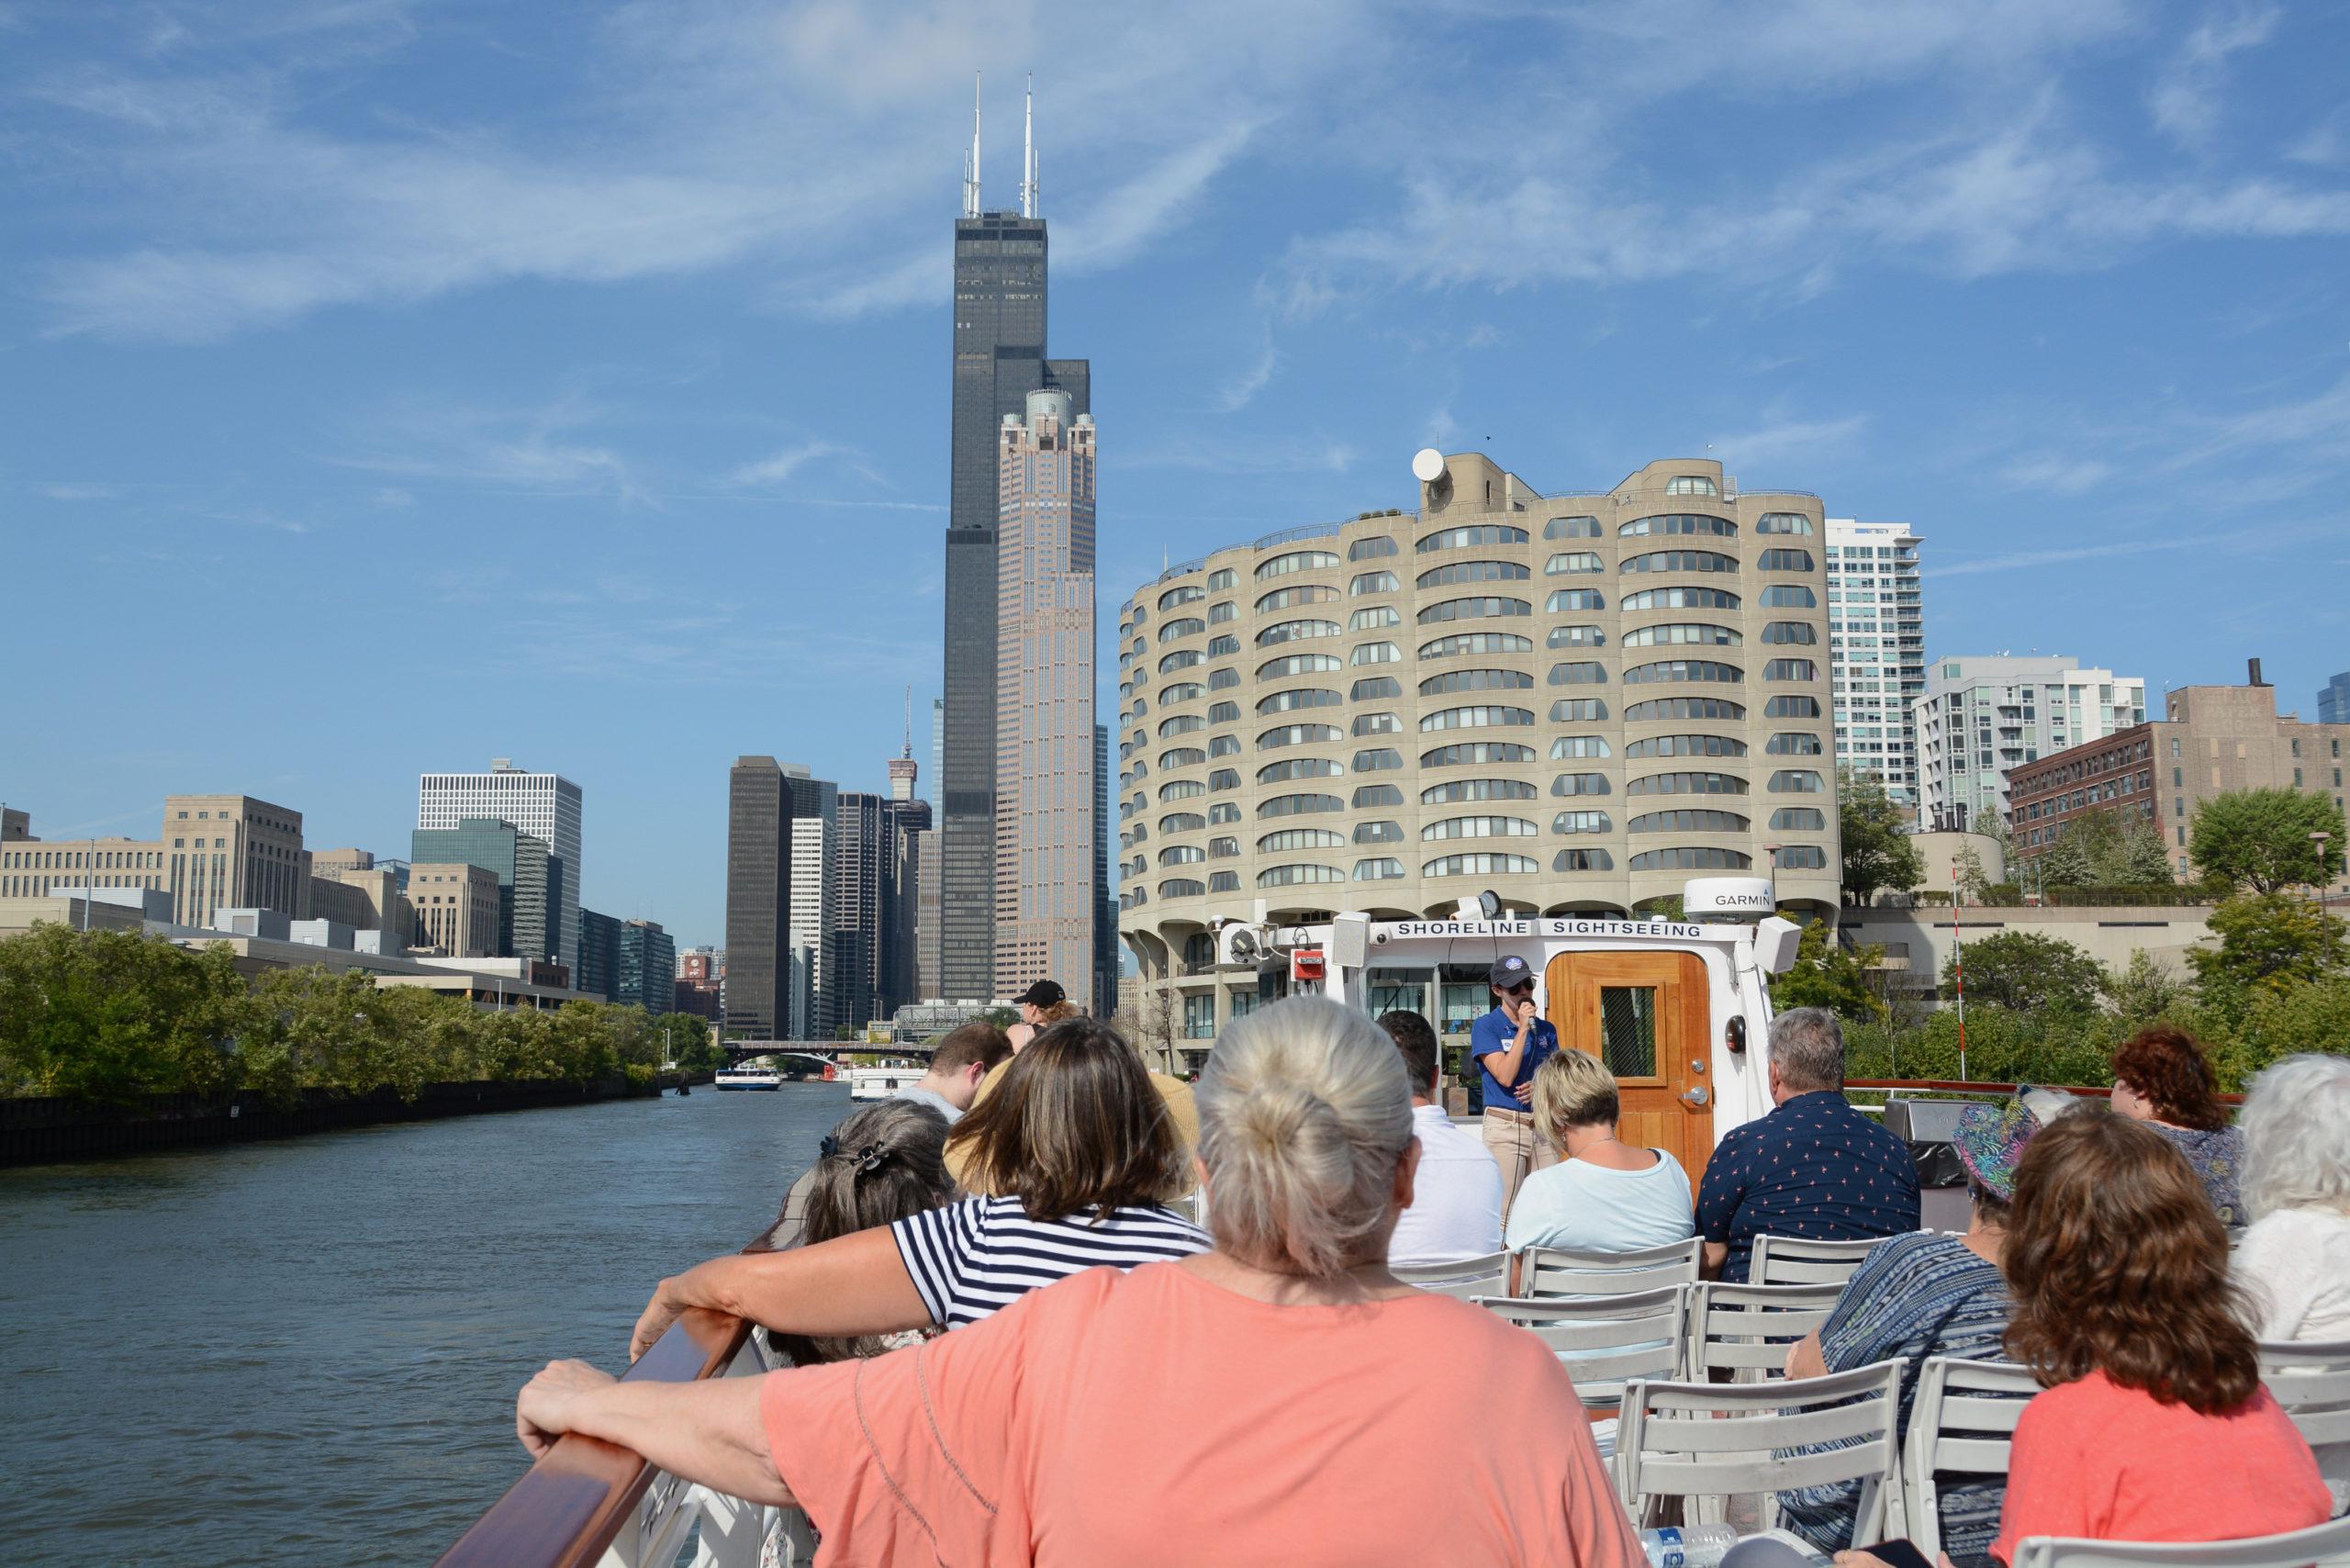 Ausflugsboot vor der Kulisse des Sears Tower in Chicago